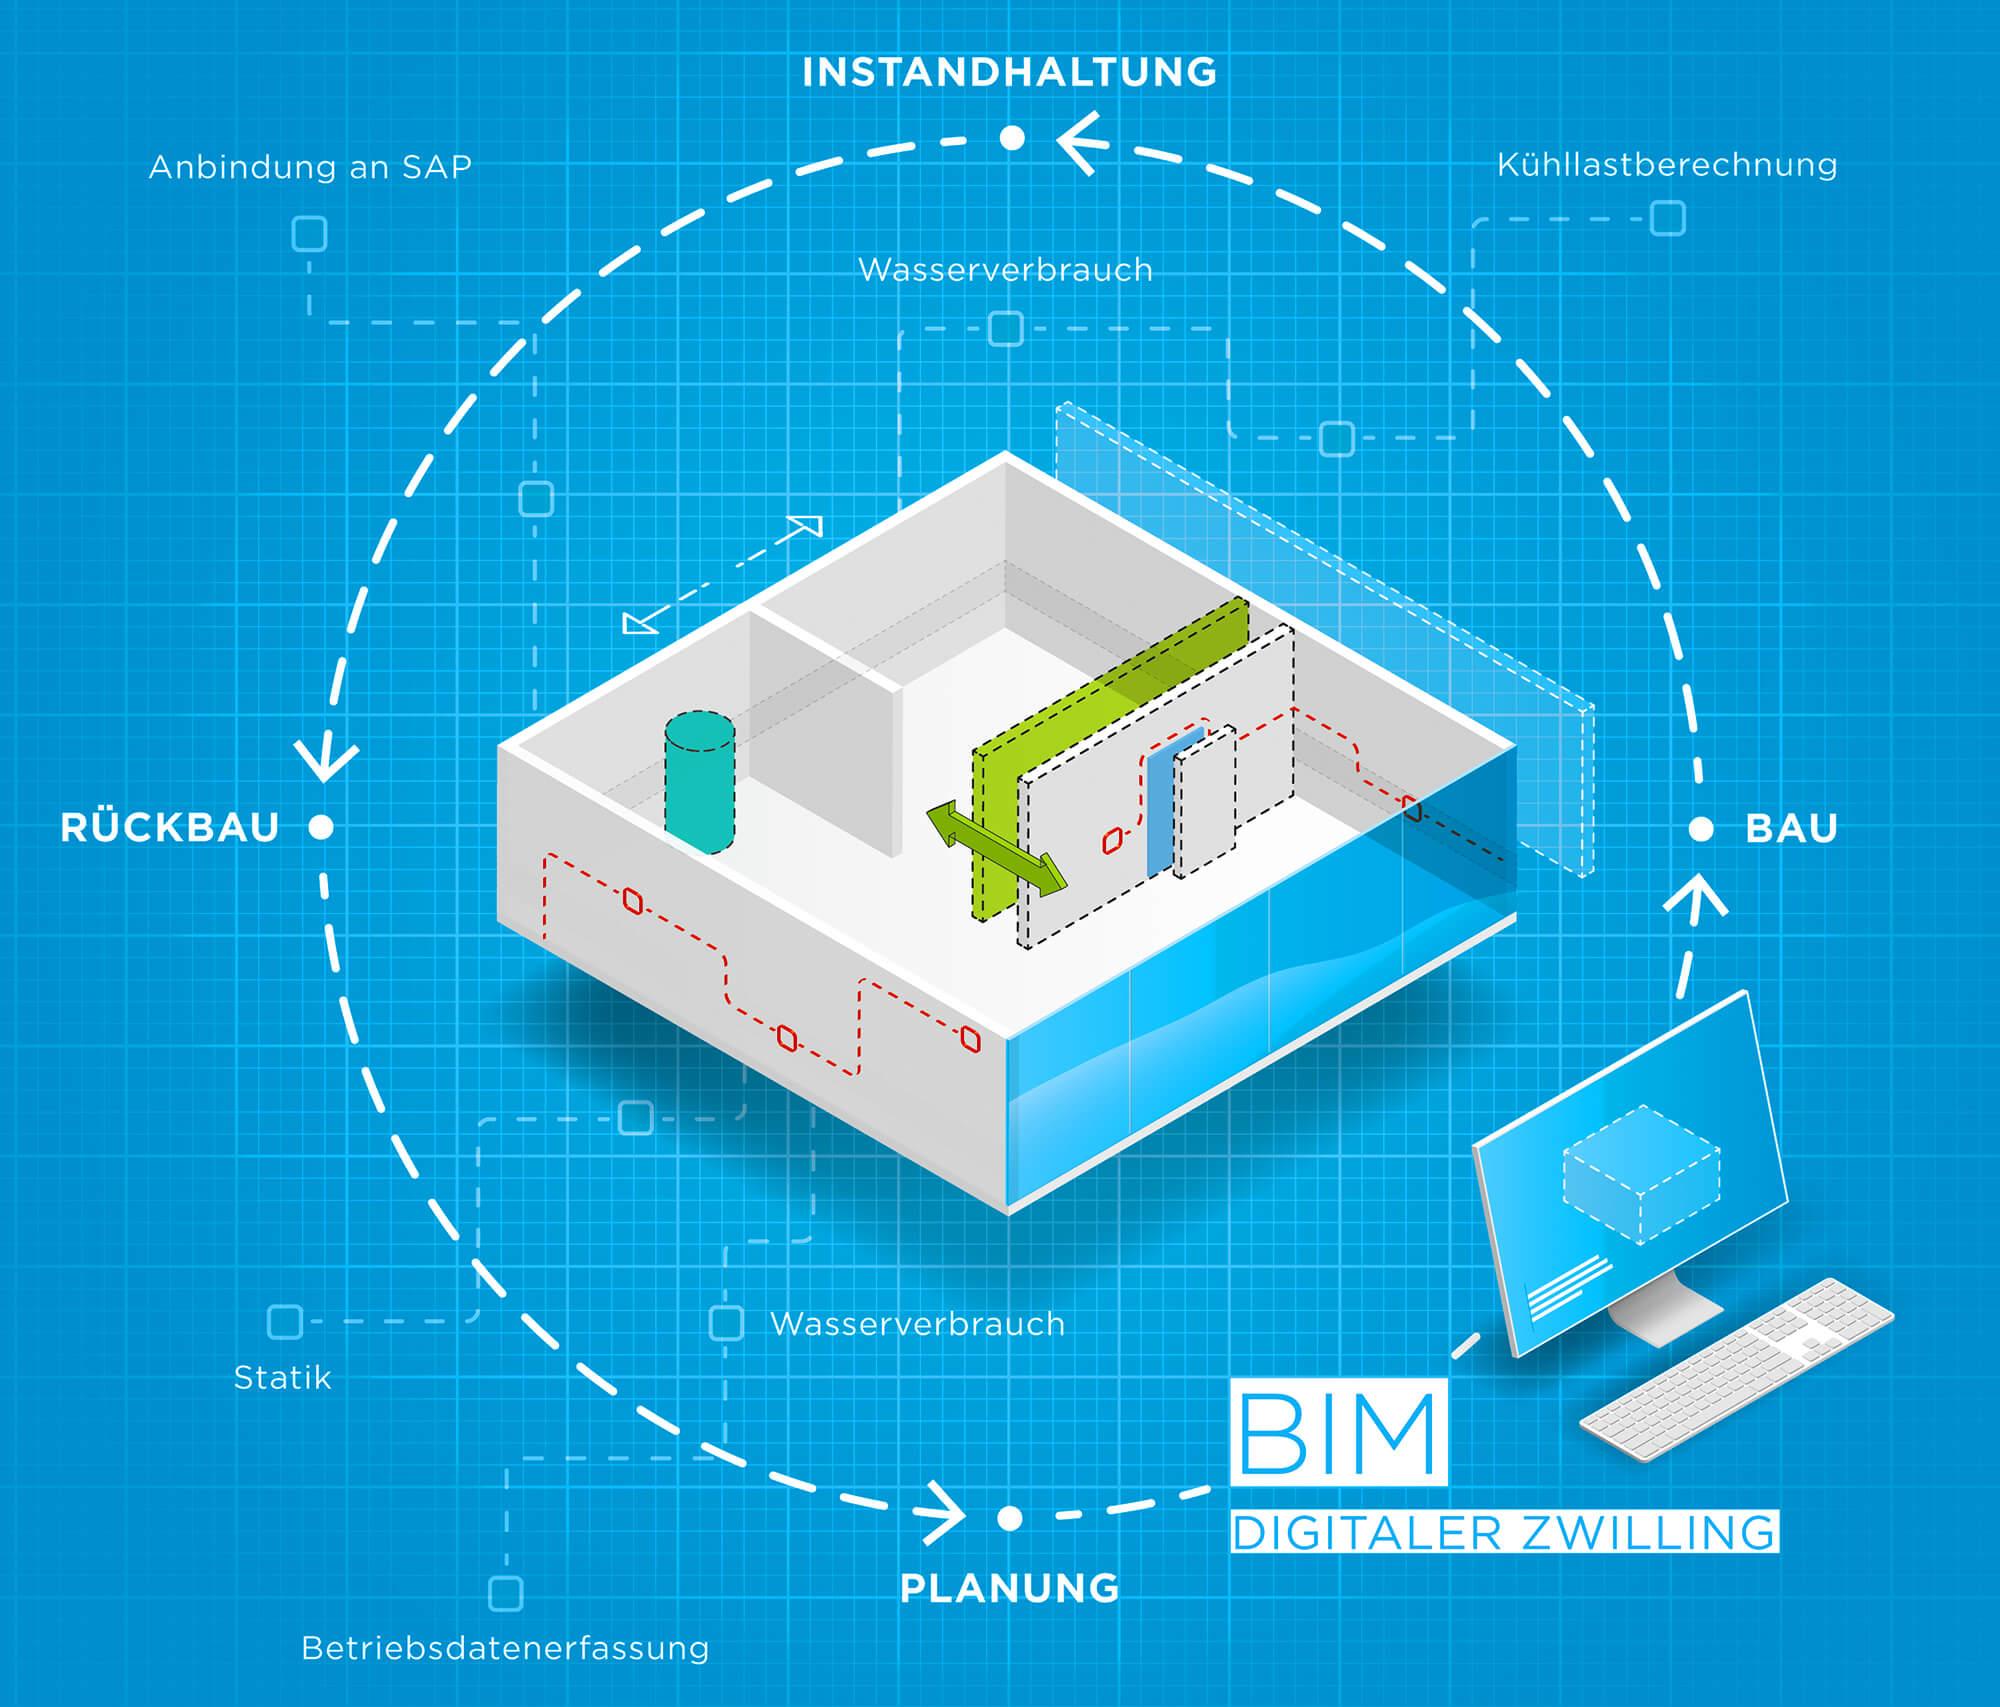 Isometrische Vektorgrafik für das Cover eines Magazins zum Thema BIM - Digitaler Zwilling